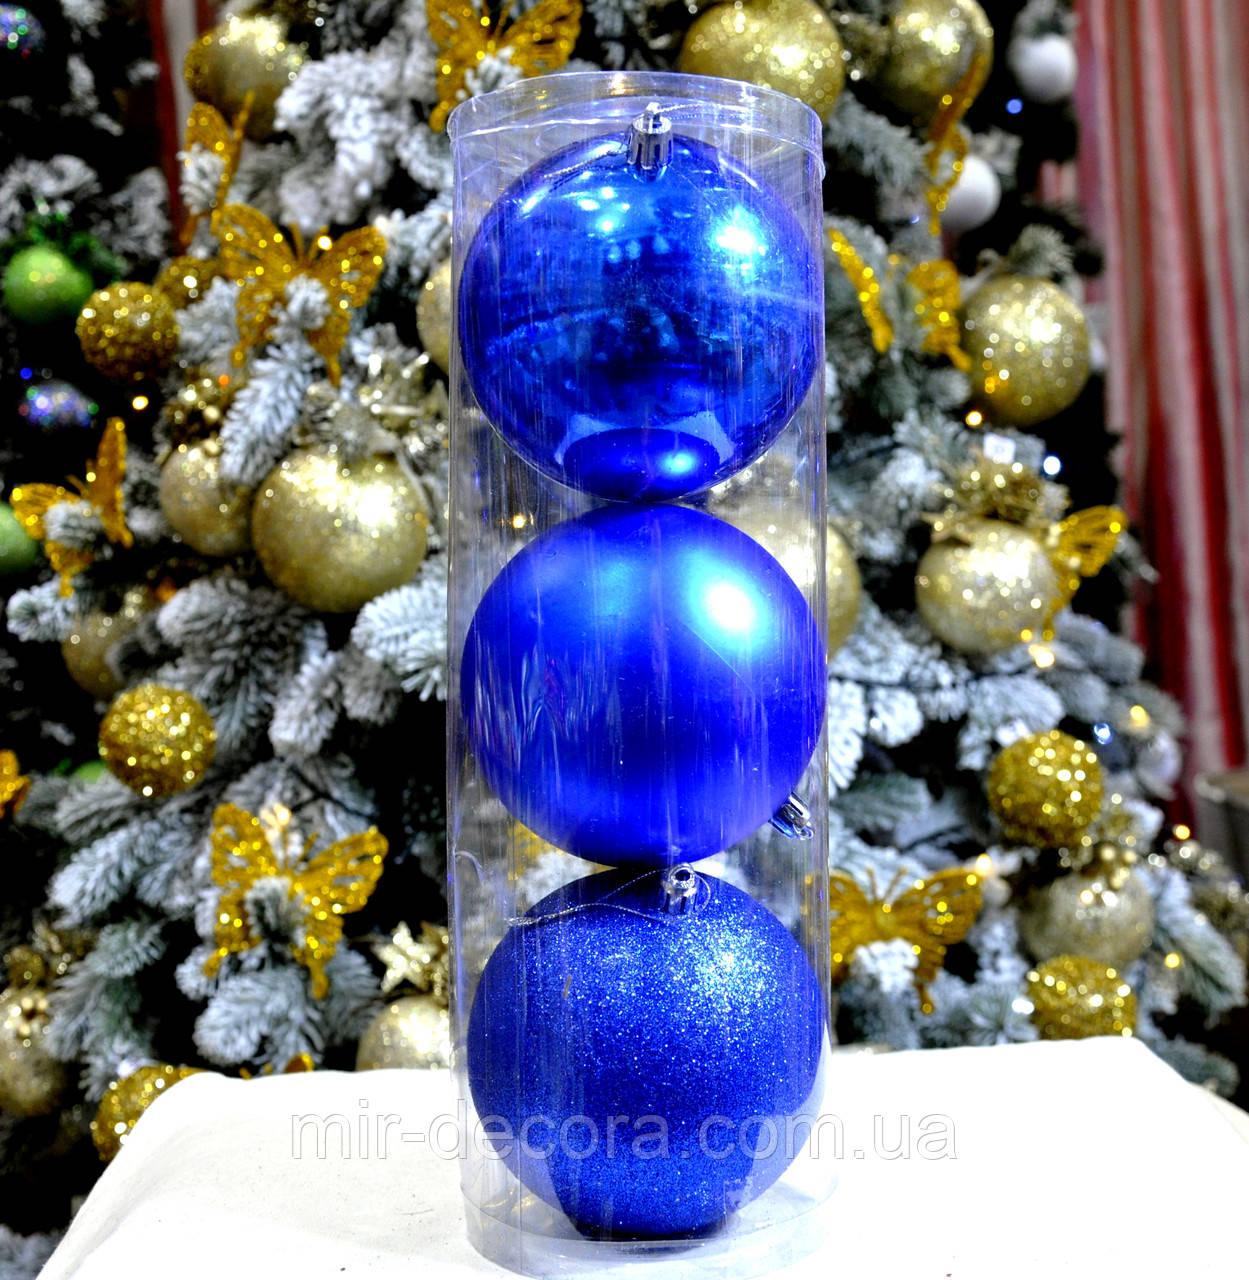 Набор новогодних шаров (пластик) 3 шт, диаметр 100 мм. Цвет синий.